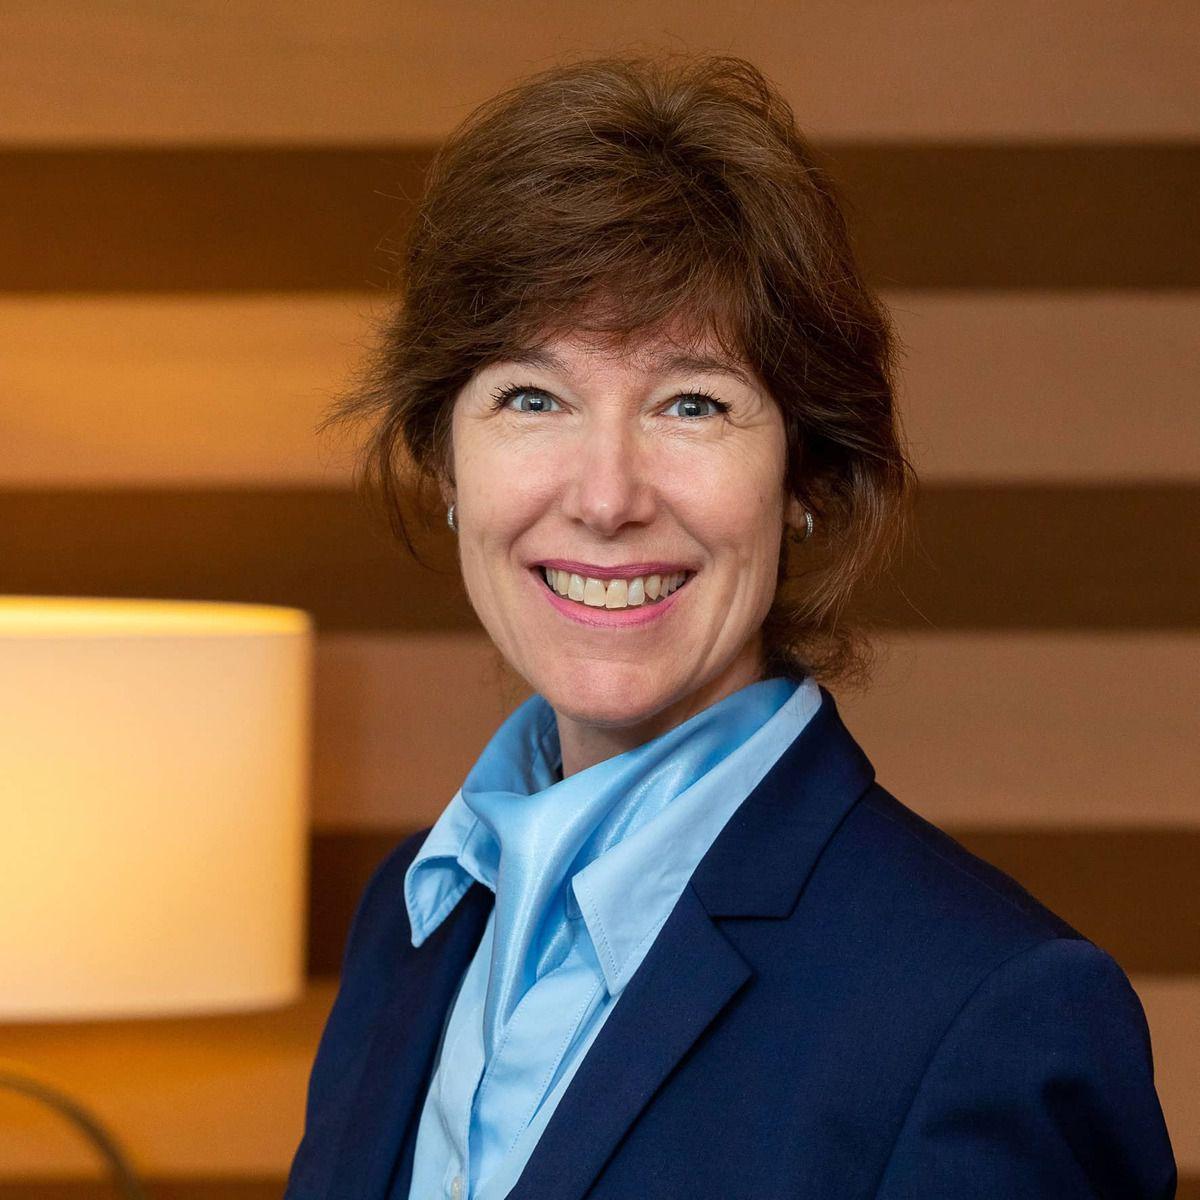 Sabine Evertman